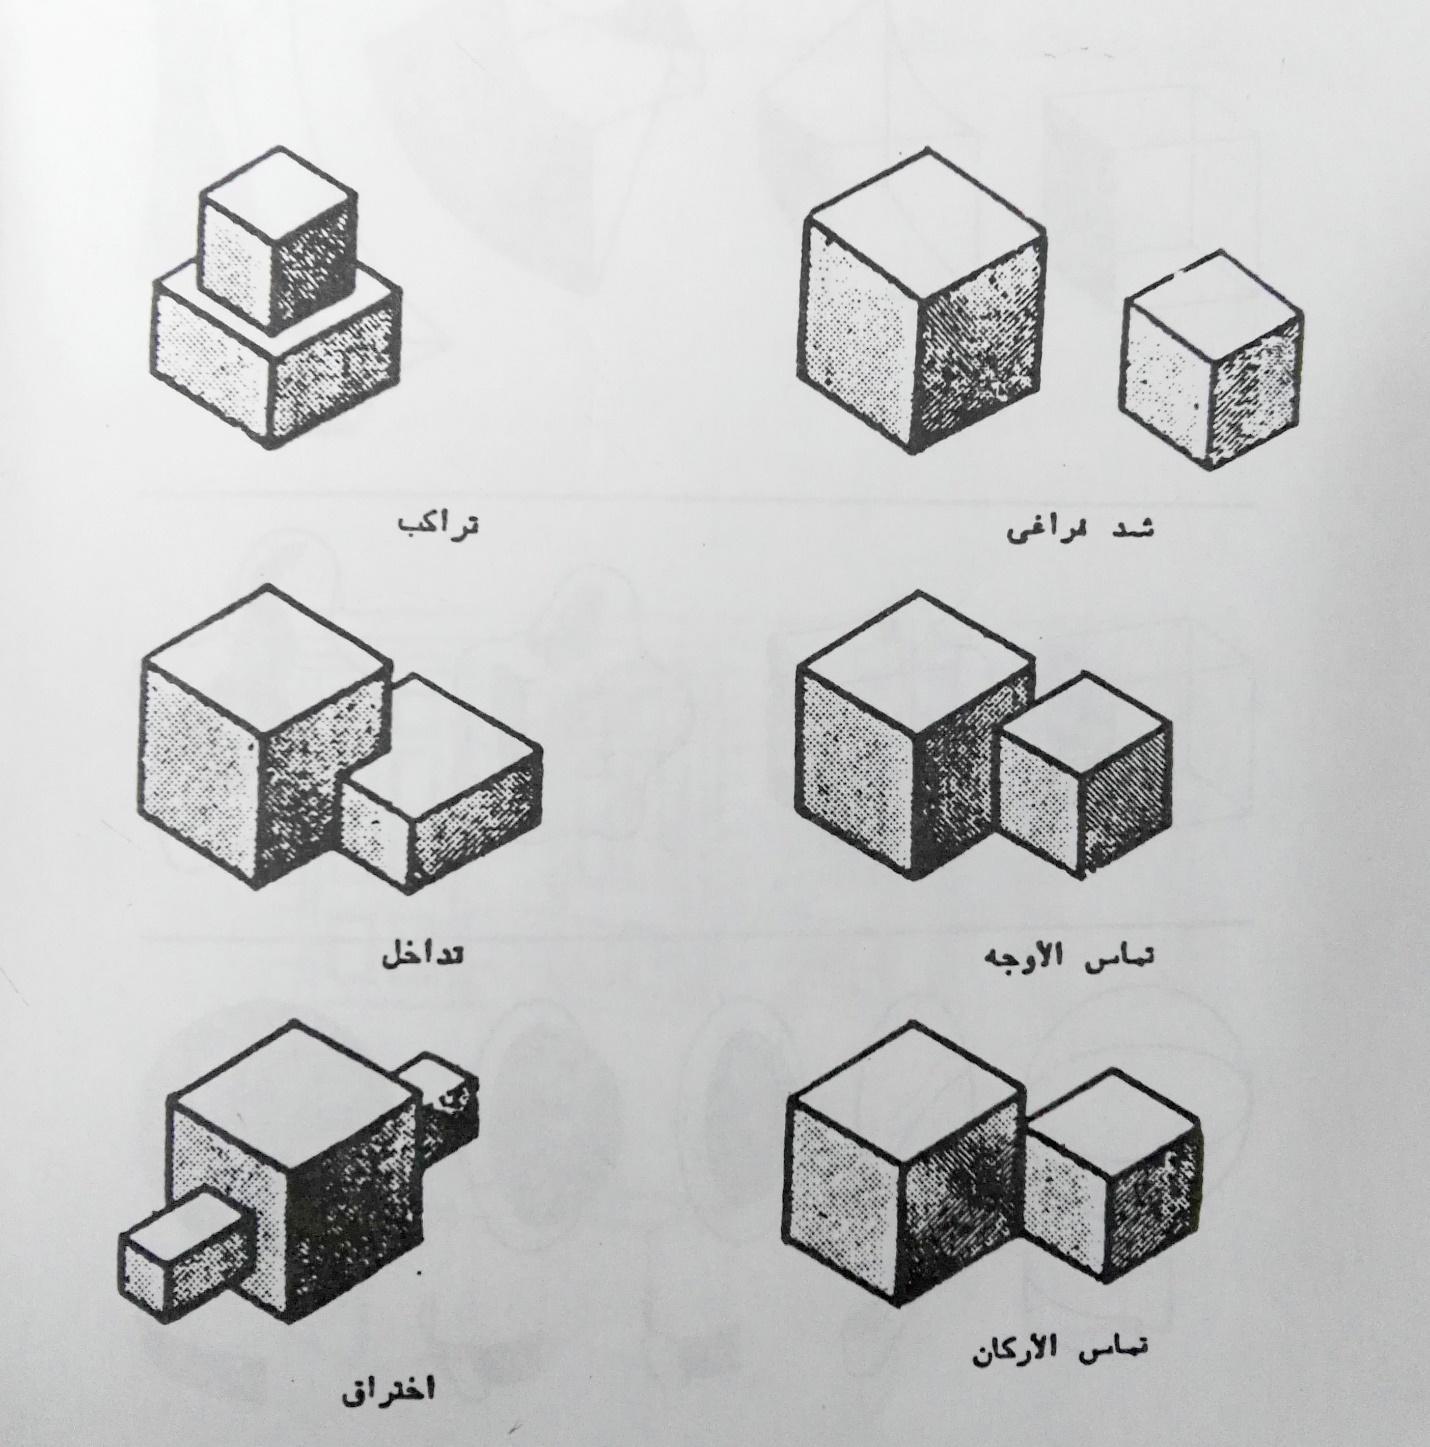 الاختلاف في تركيب المساحات في التصميم